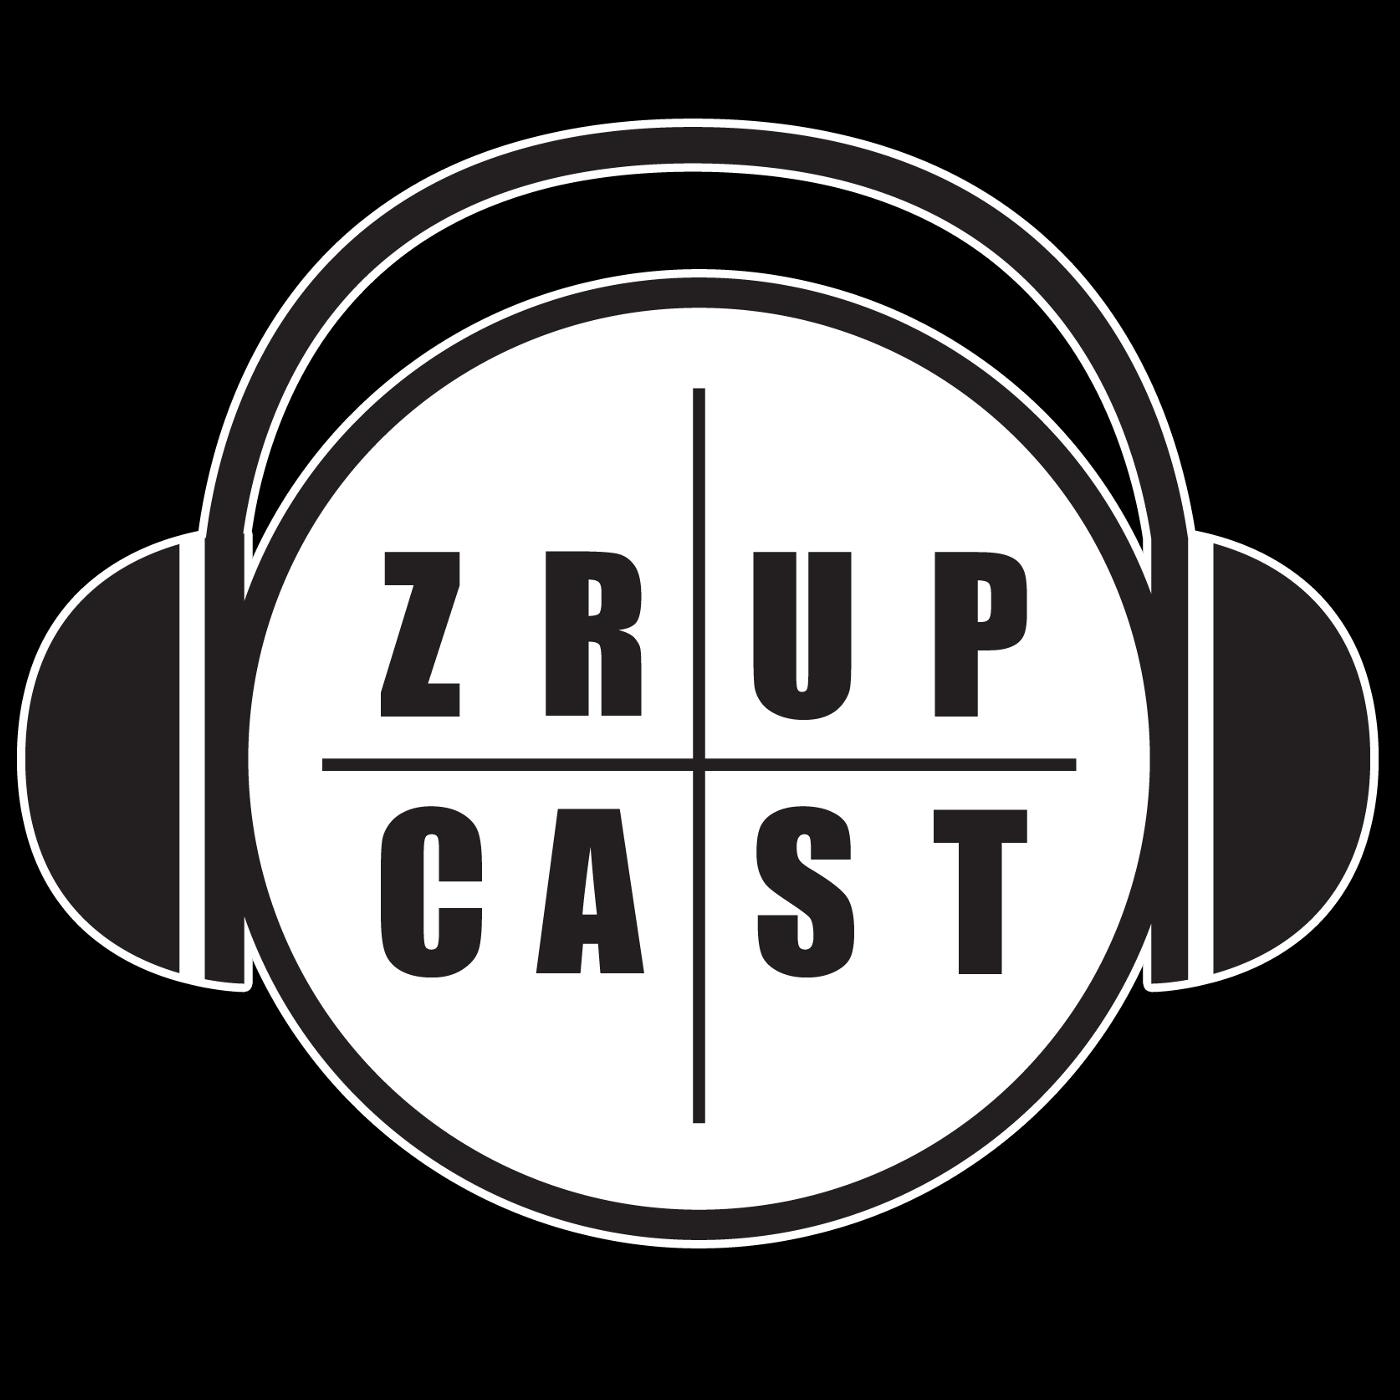 Dlaczego się nie dogadujemy | Krystian Legierski | ZRUPcast #27